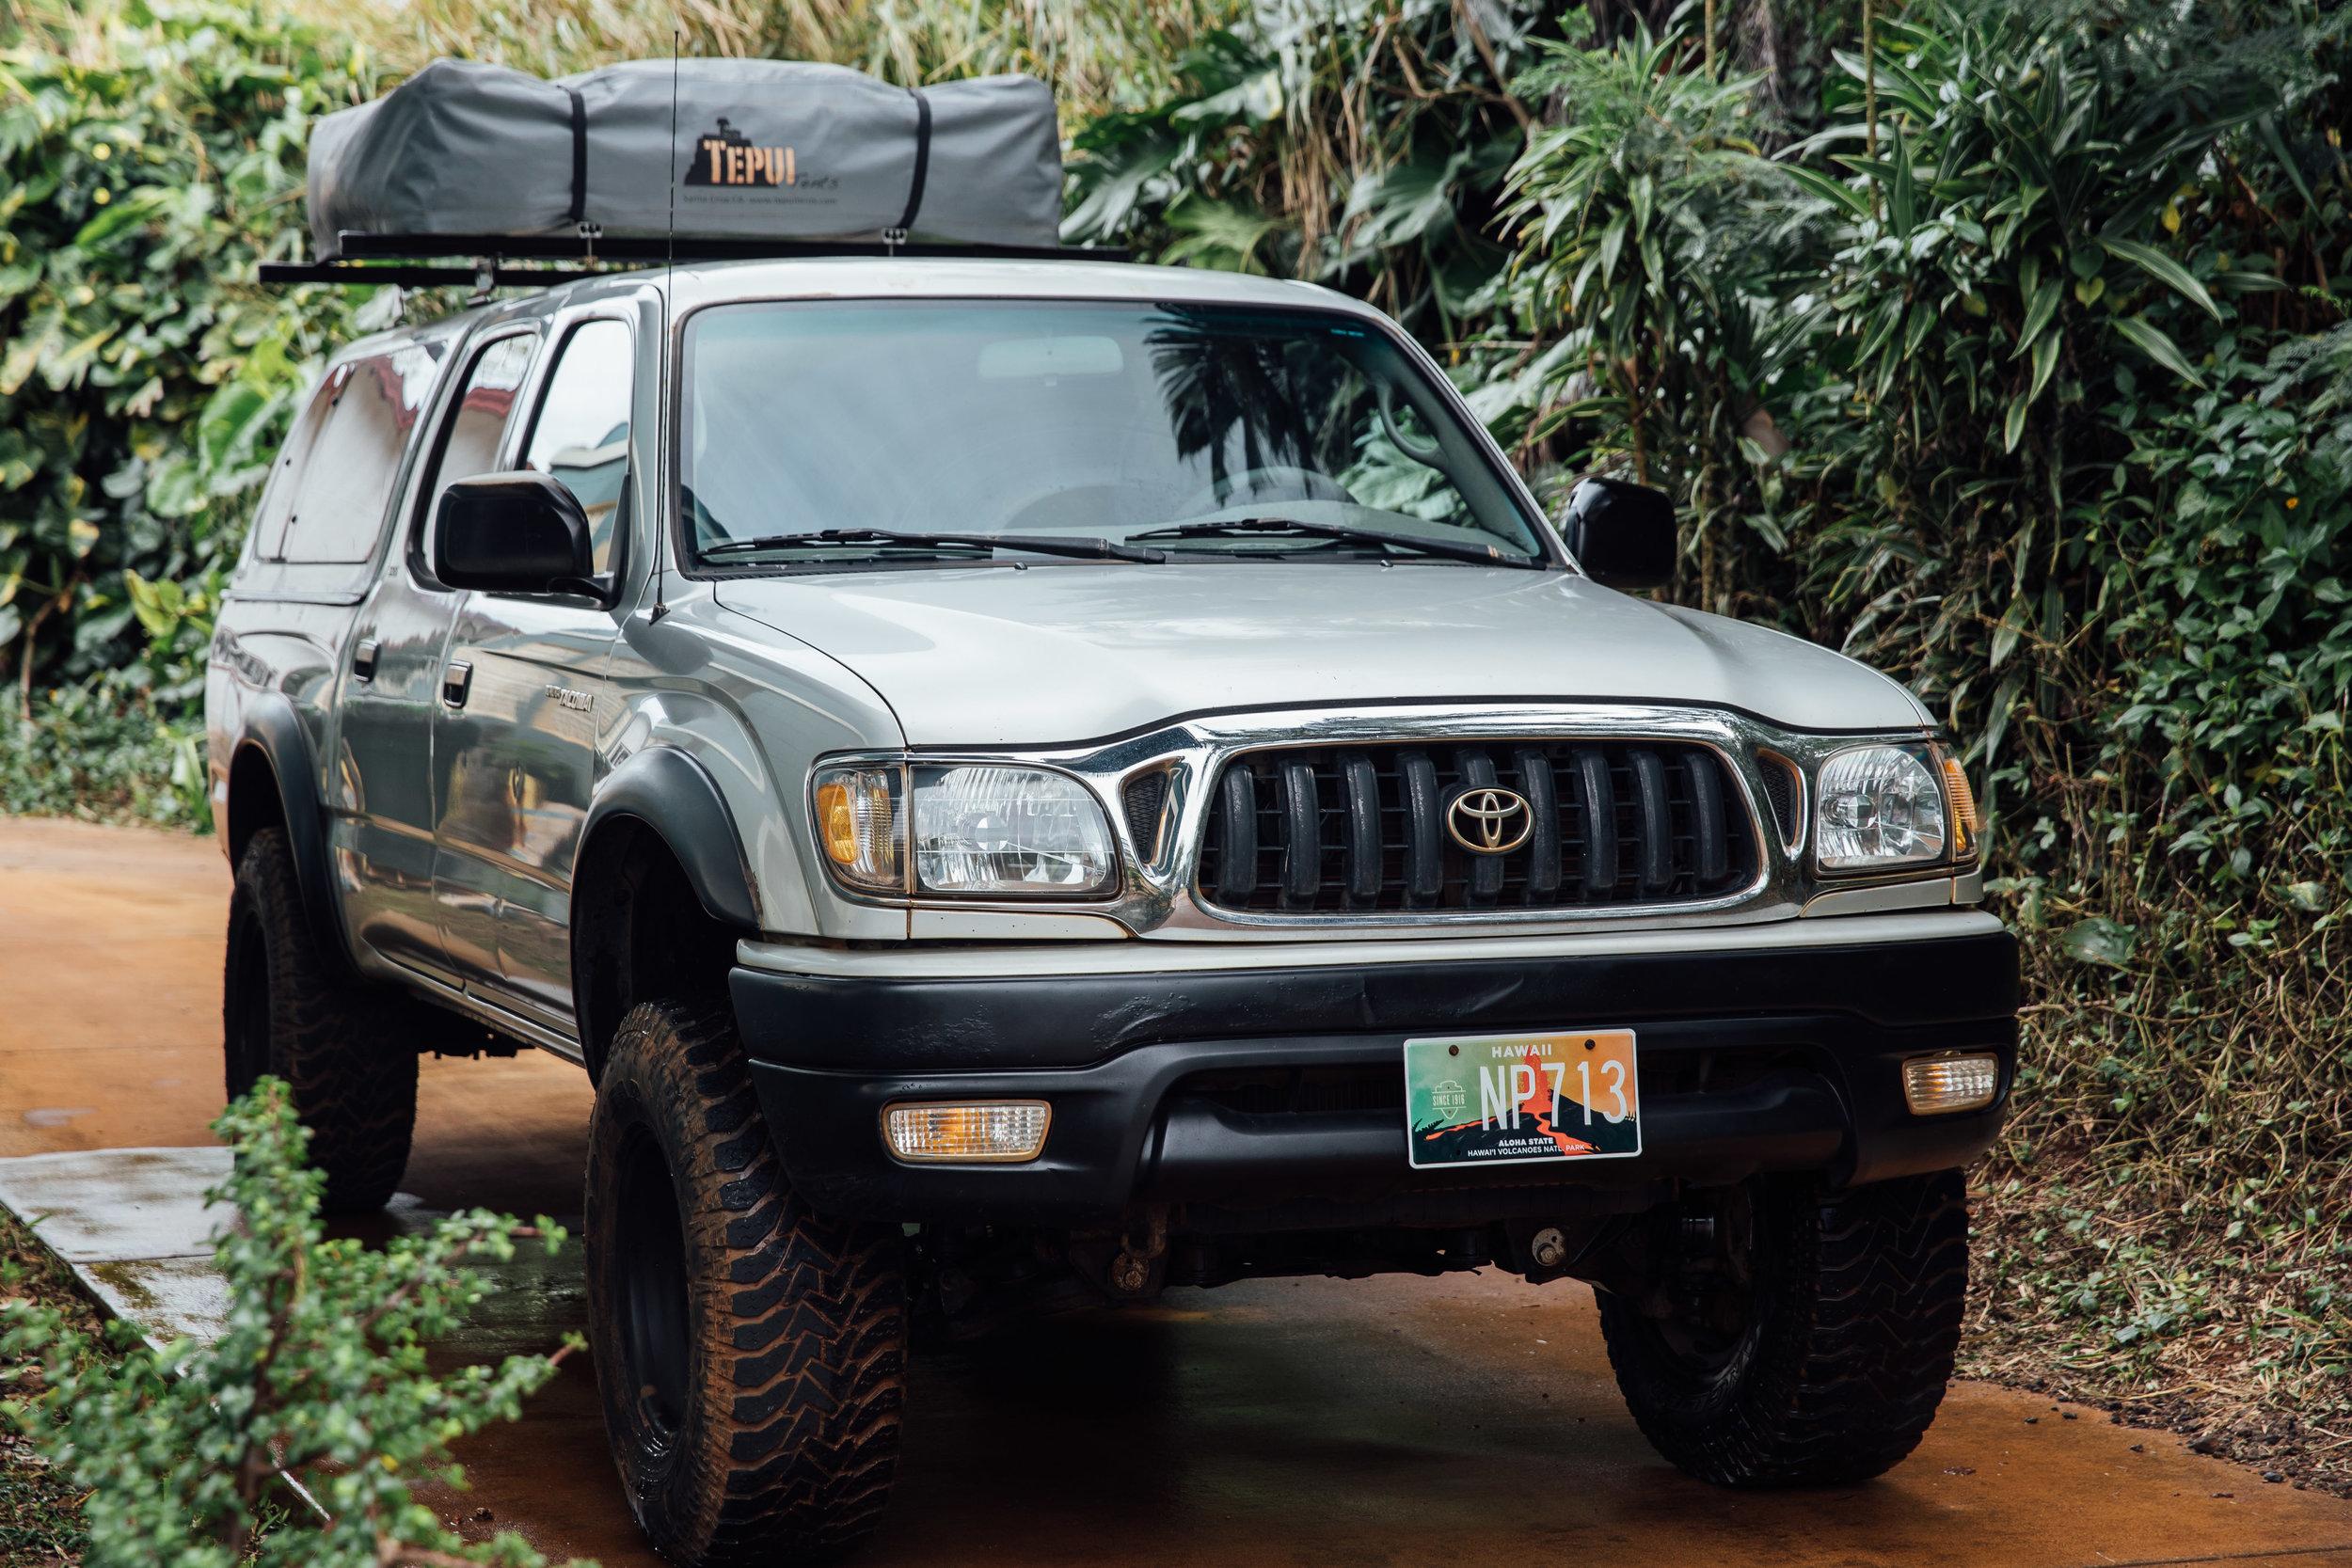 kauai overlander-camper-roof tent-adventure-hawaii-silver surfer-tacoma-toyota-tepui-5.jpg